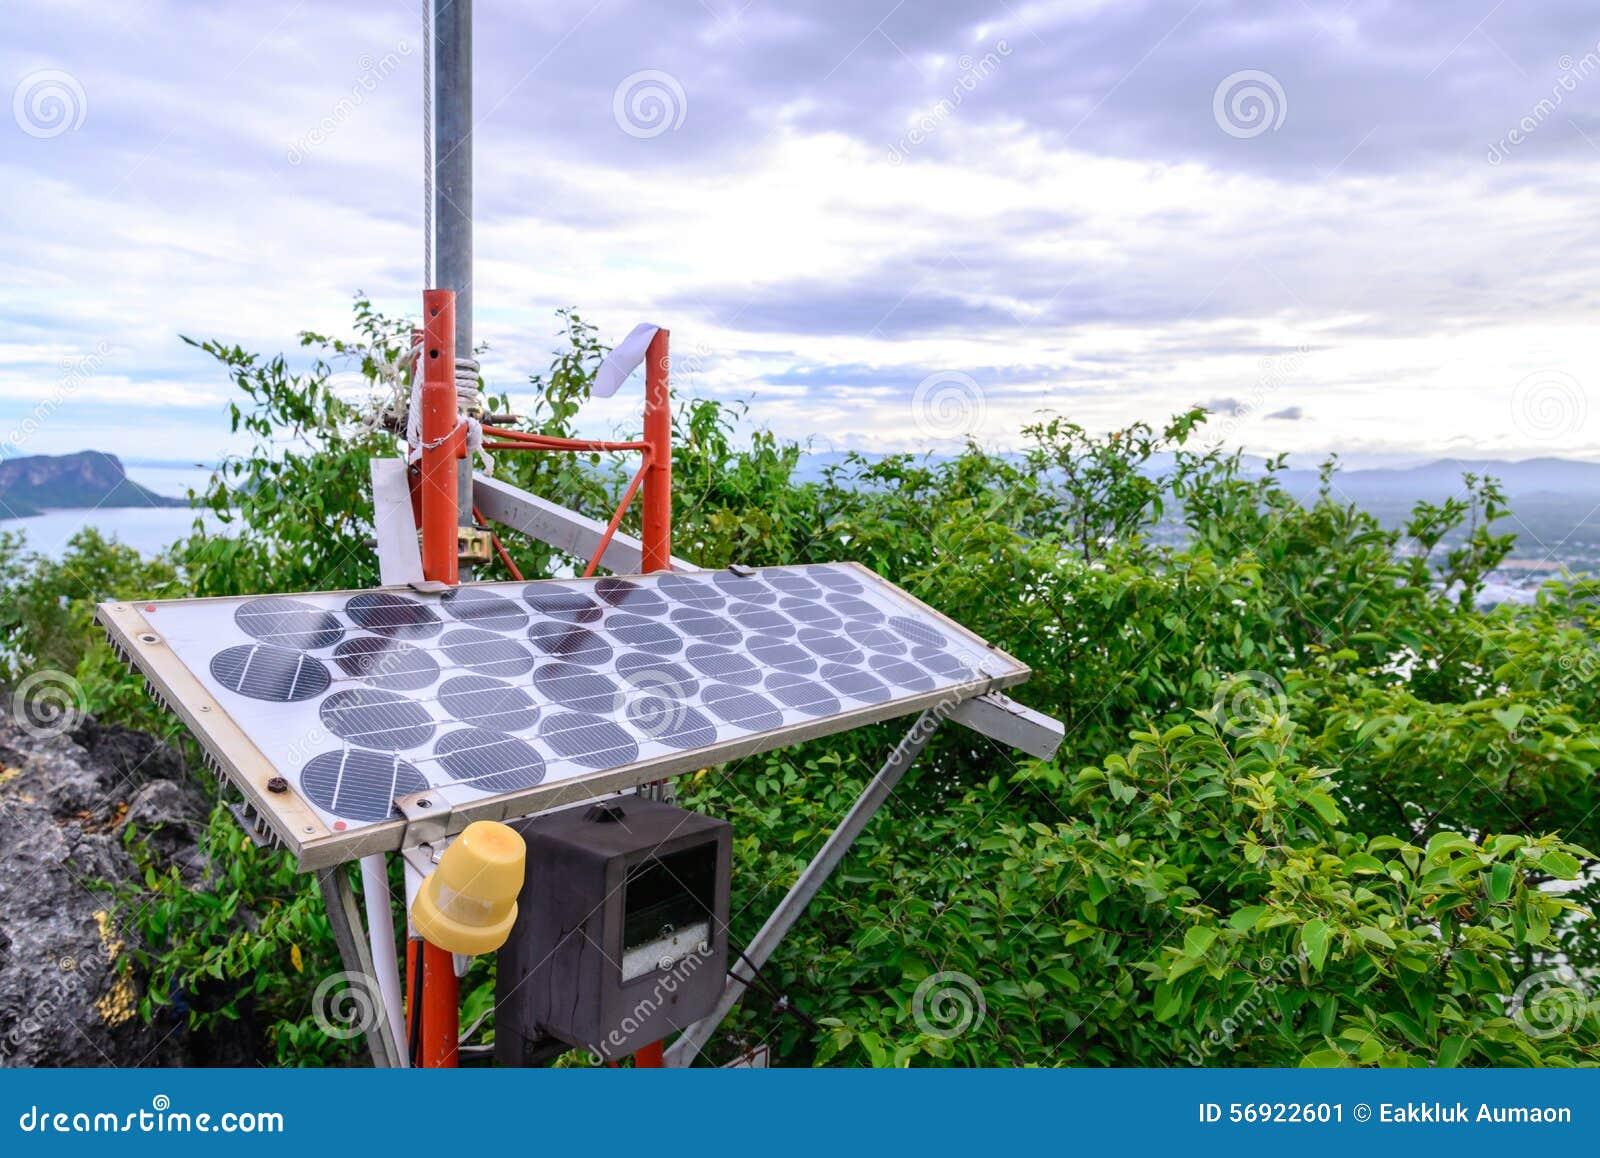 Ηλιακό κύτταρο για την ηλεκτρική ενέργεια στην αιχμή του βουνού